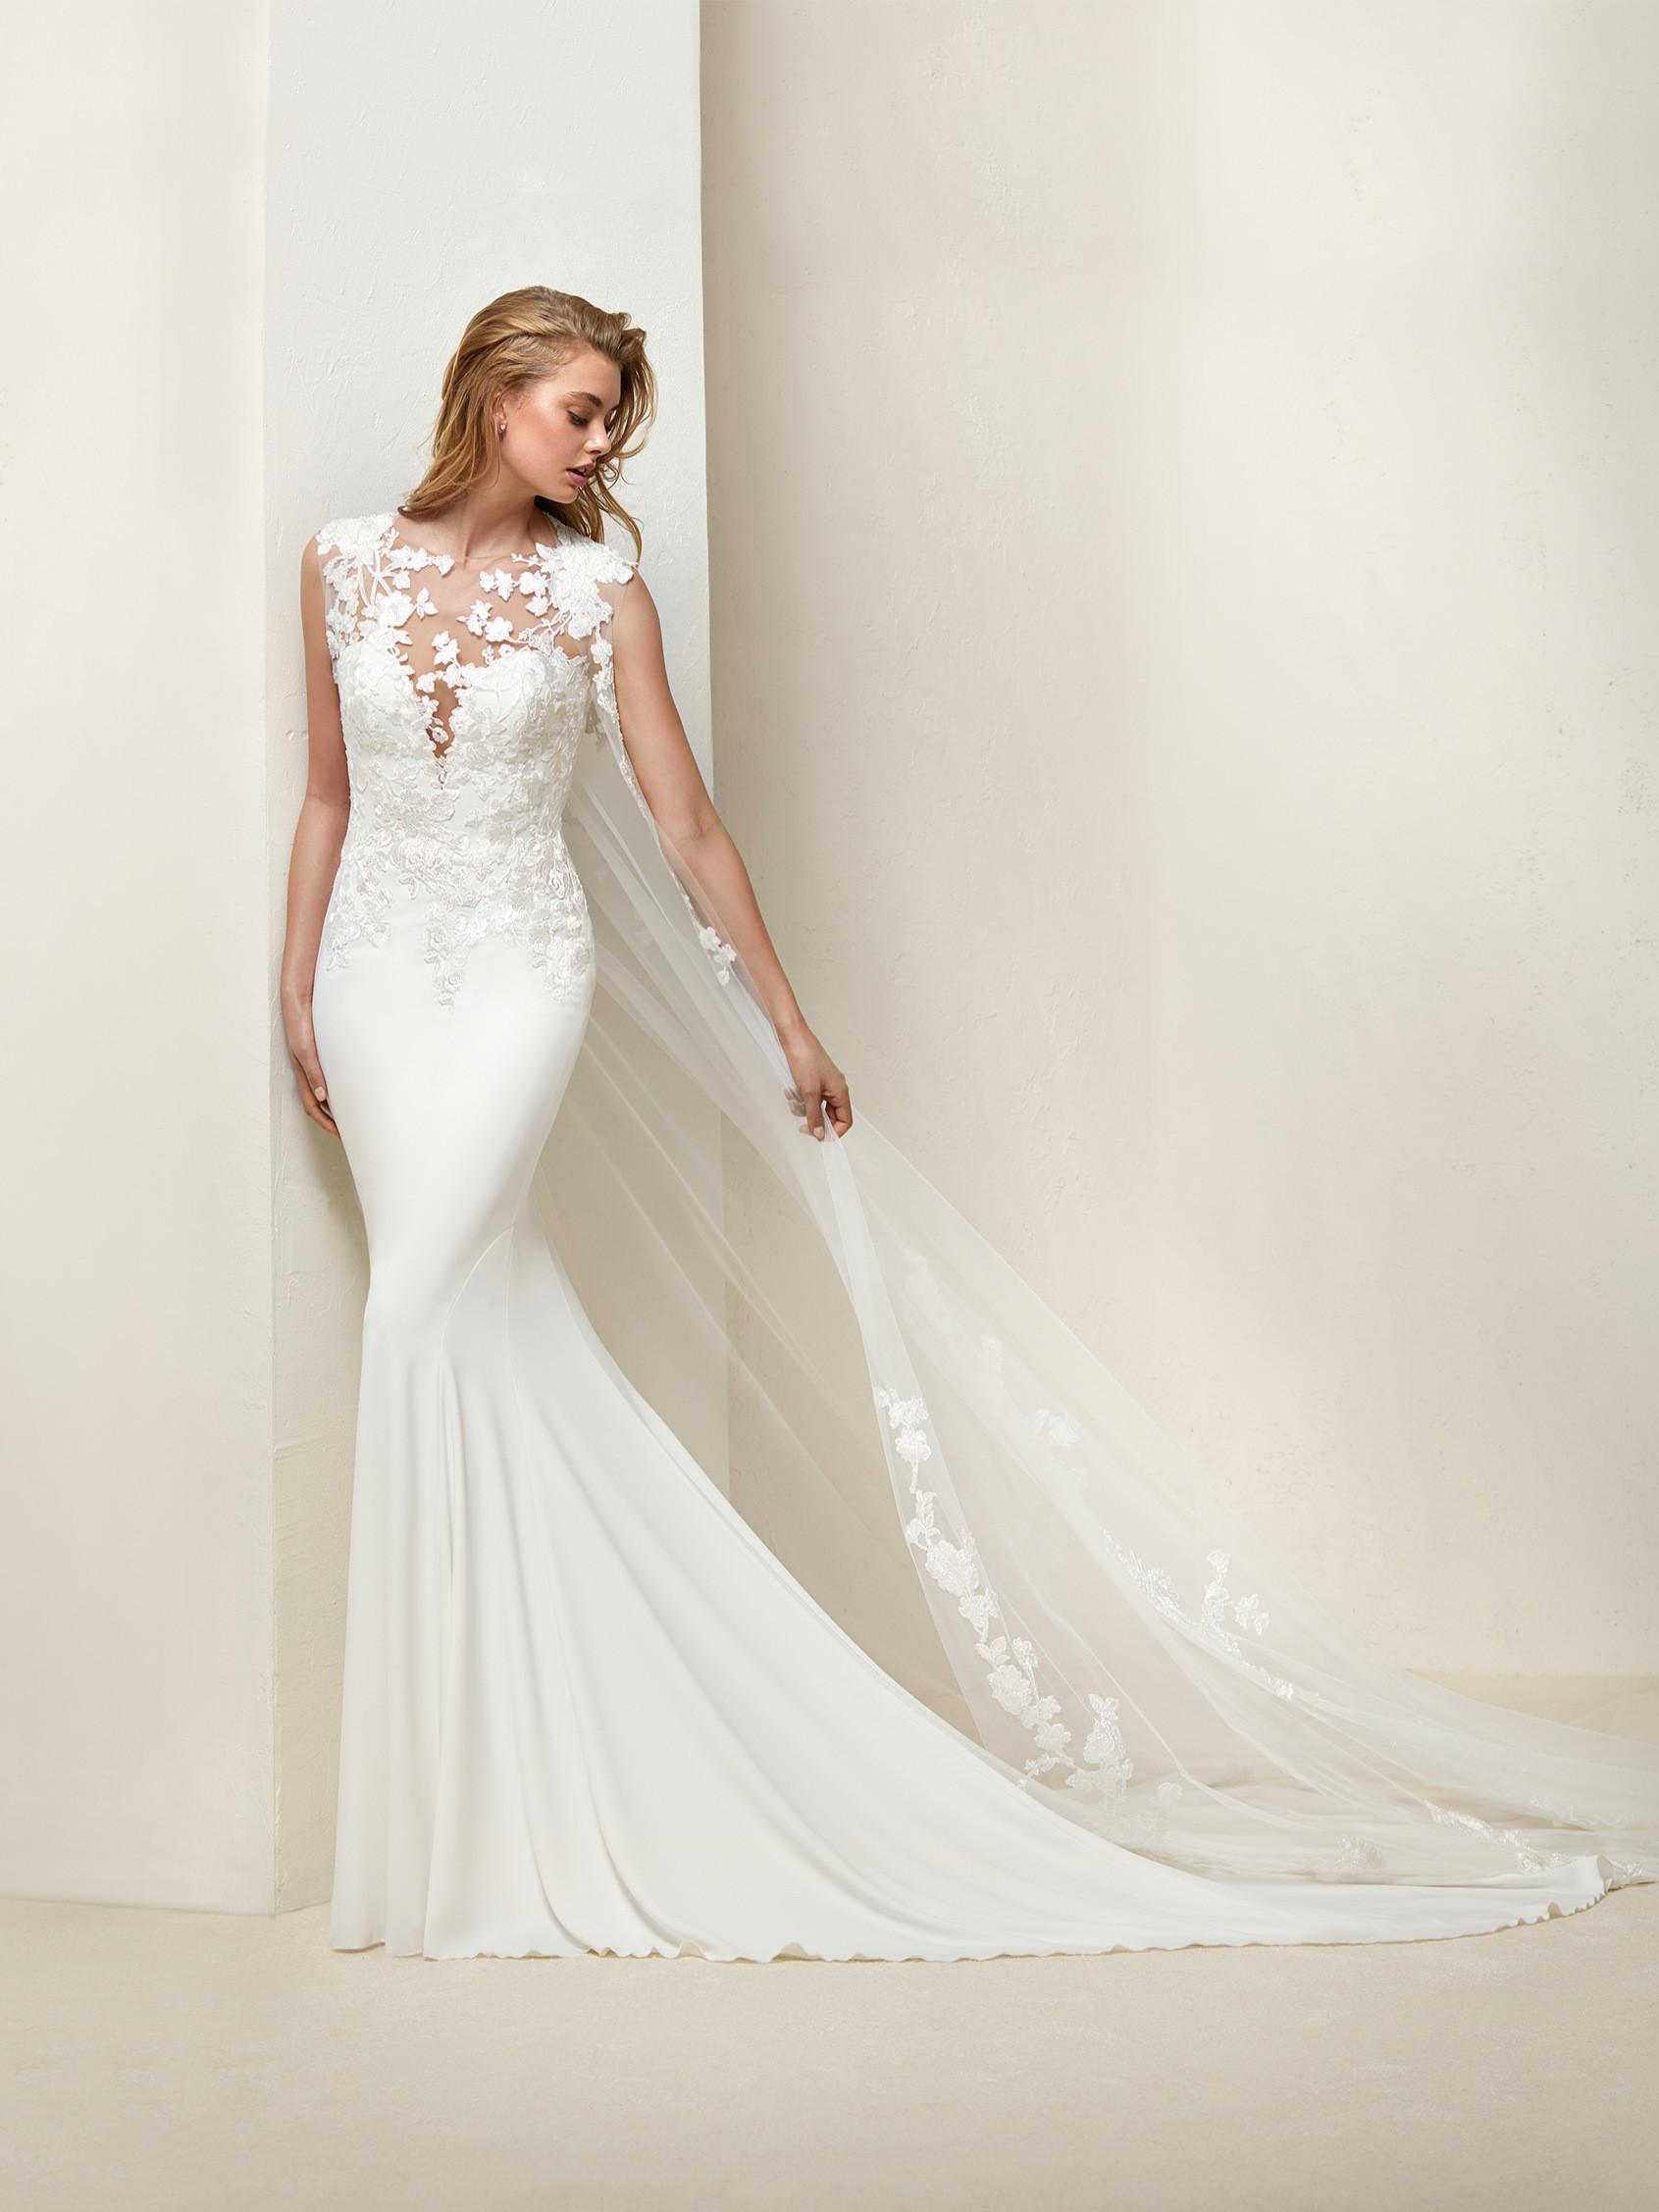 Wedding Dress Shop Leeds I Designer Bridal Gowns I West ...